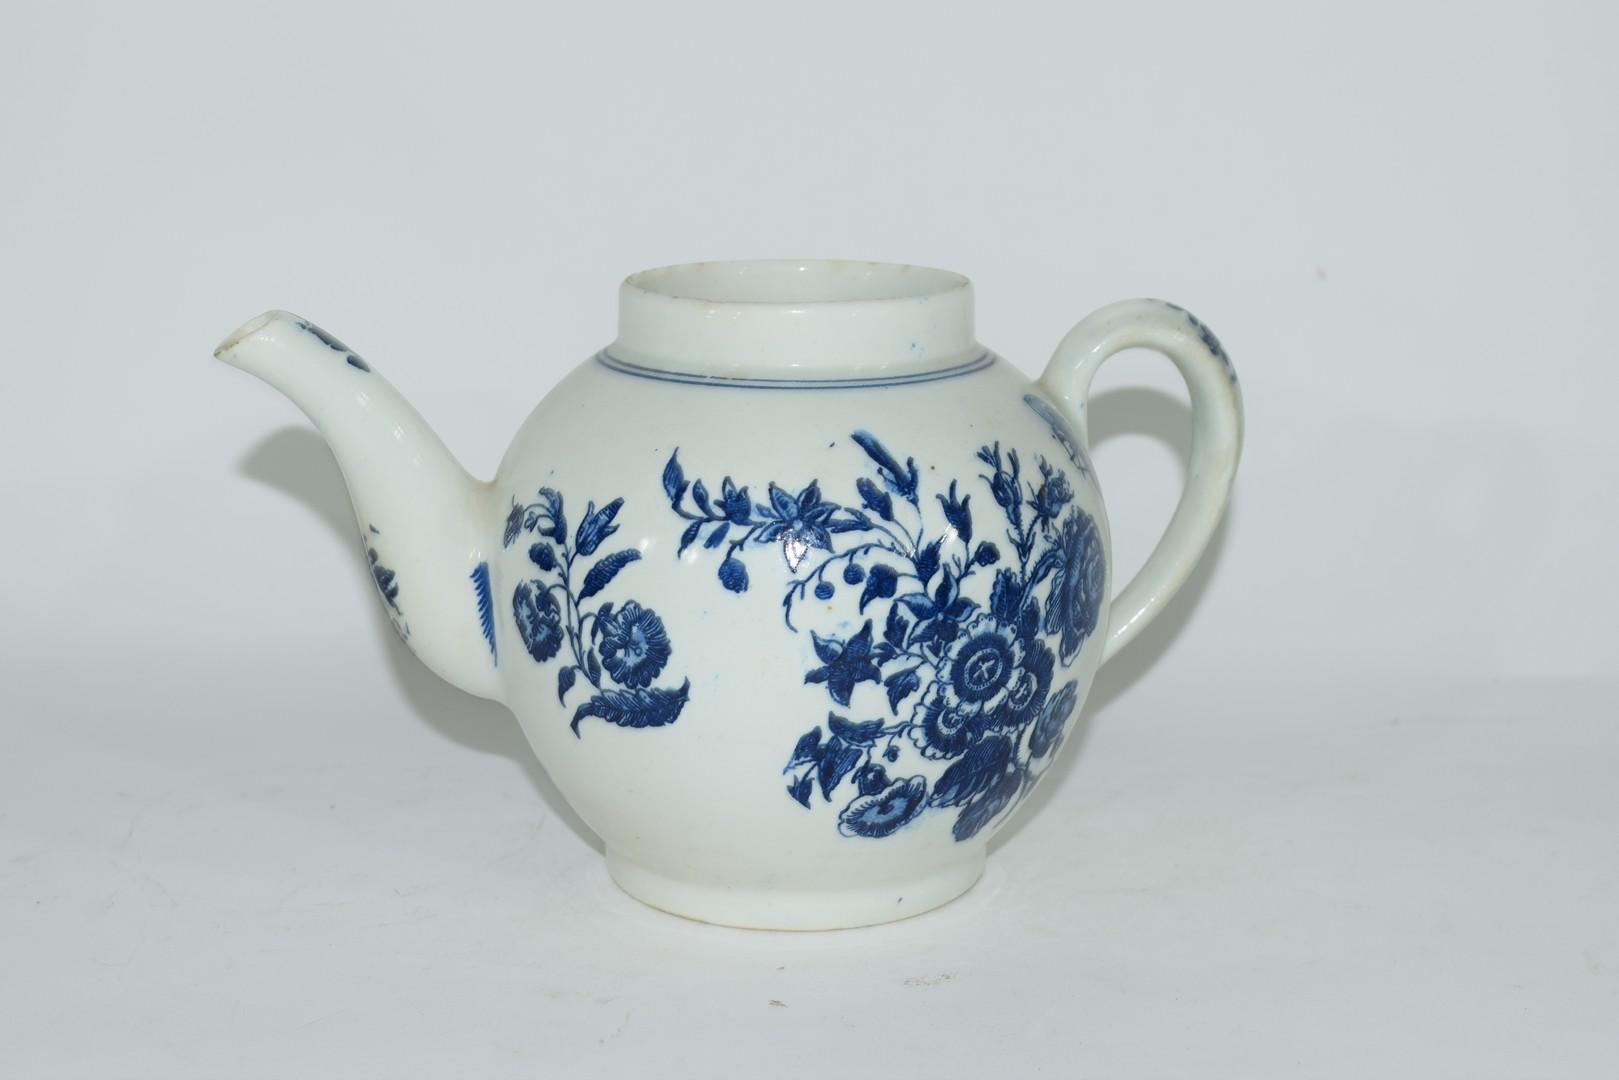 18th century Lowestoft porcelain teapot